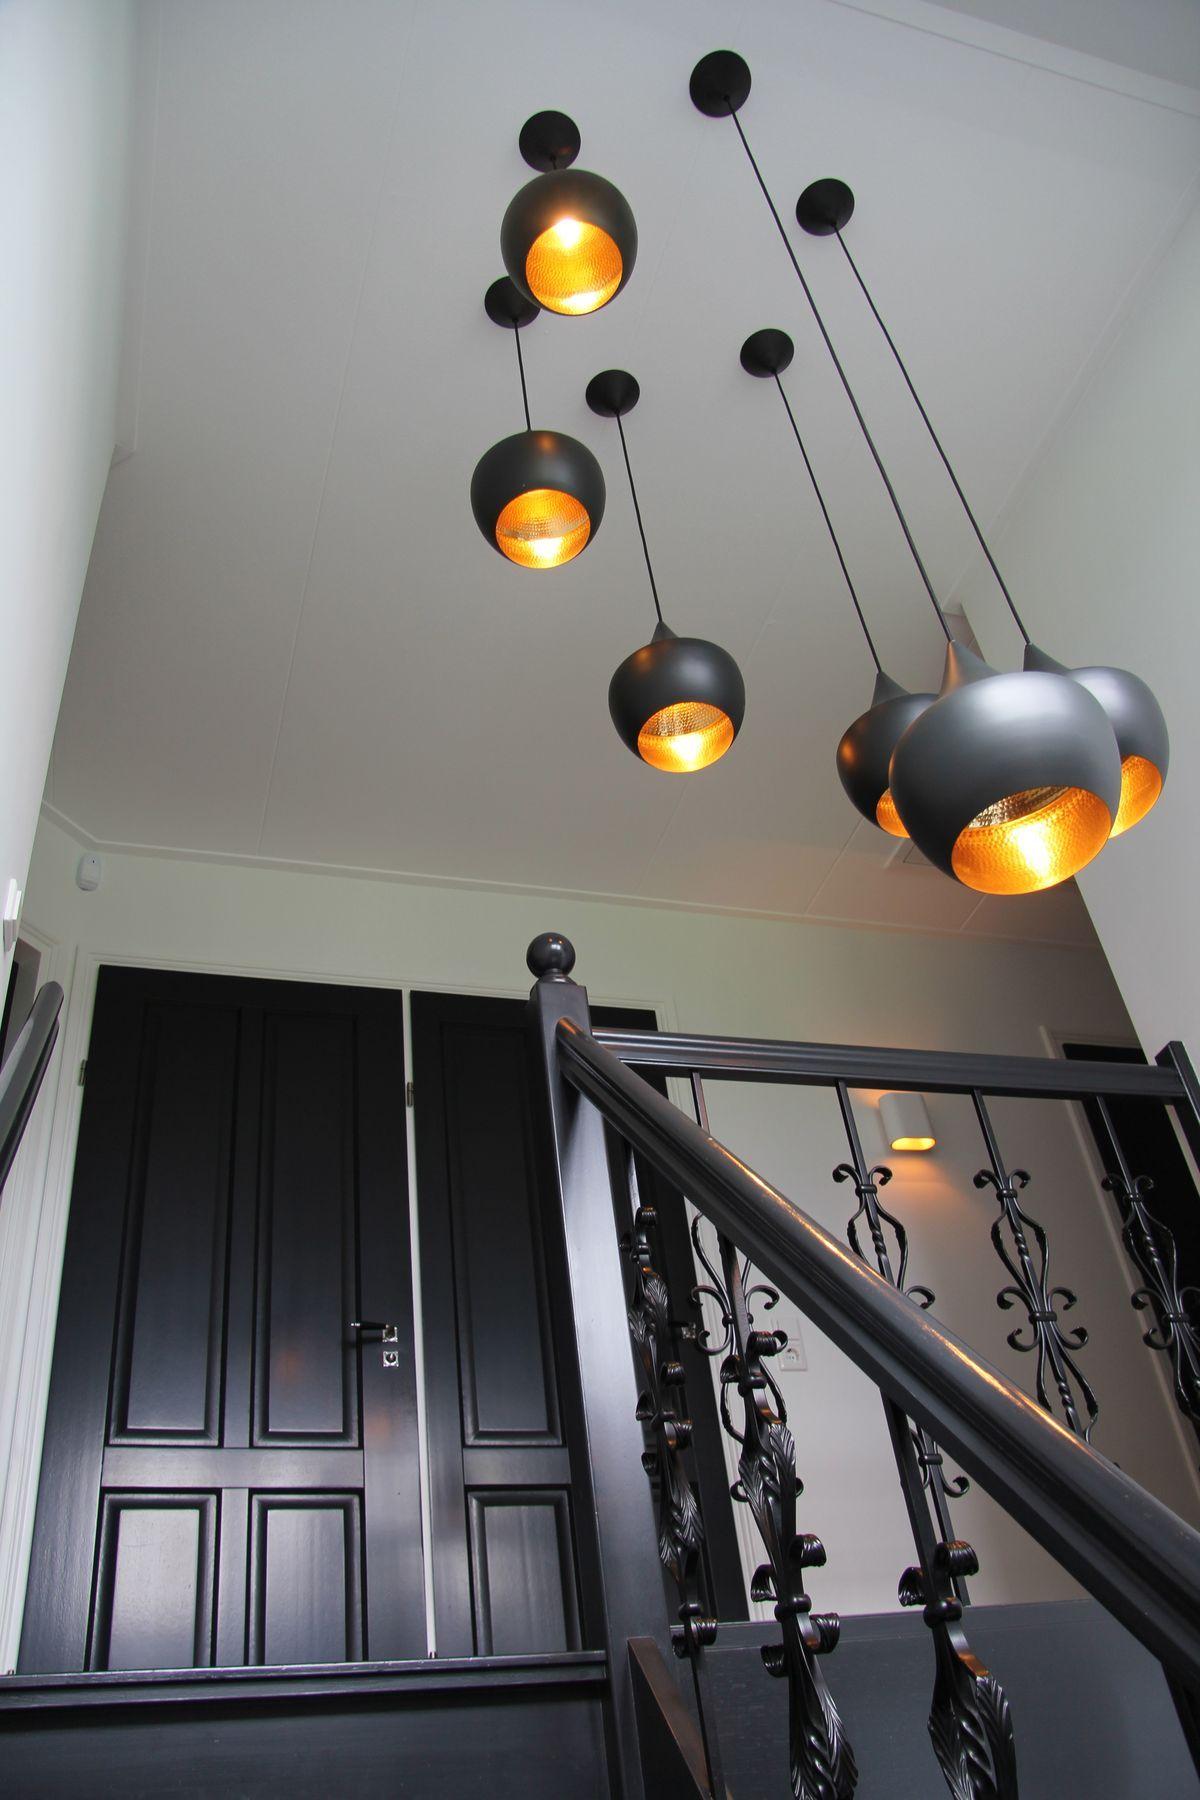 zwarte losse lampen in trapgat vide